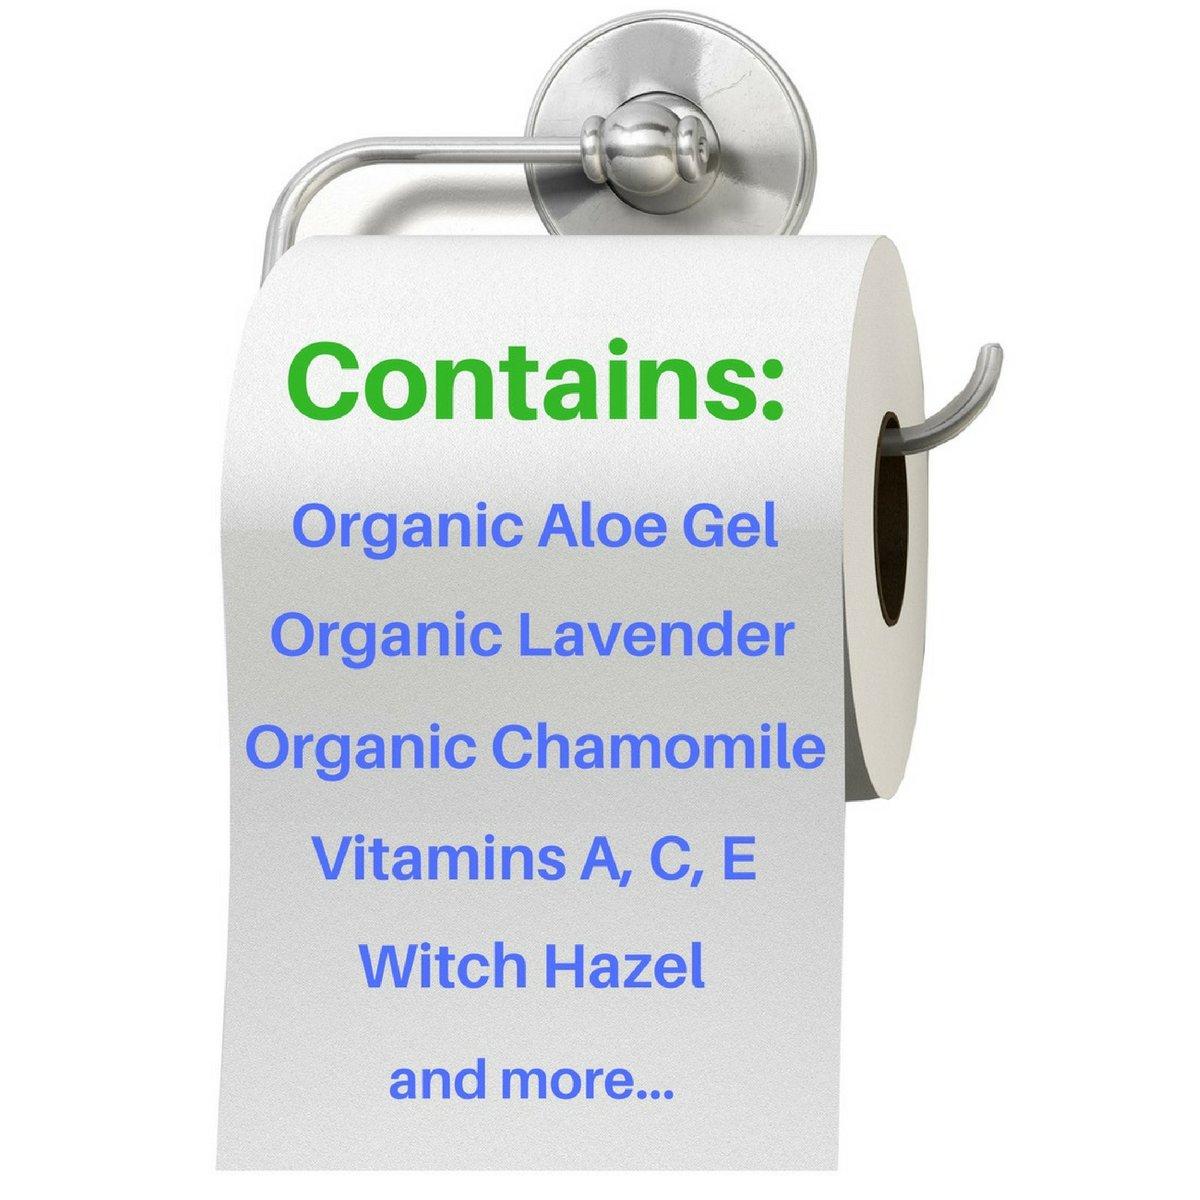 Amazon.com: Toilet Paper Moistener Spray for Flushable Wipe ...